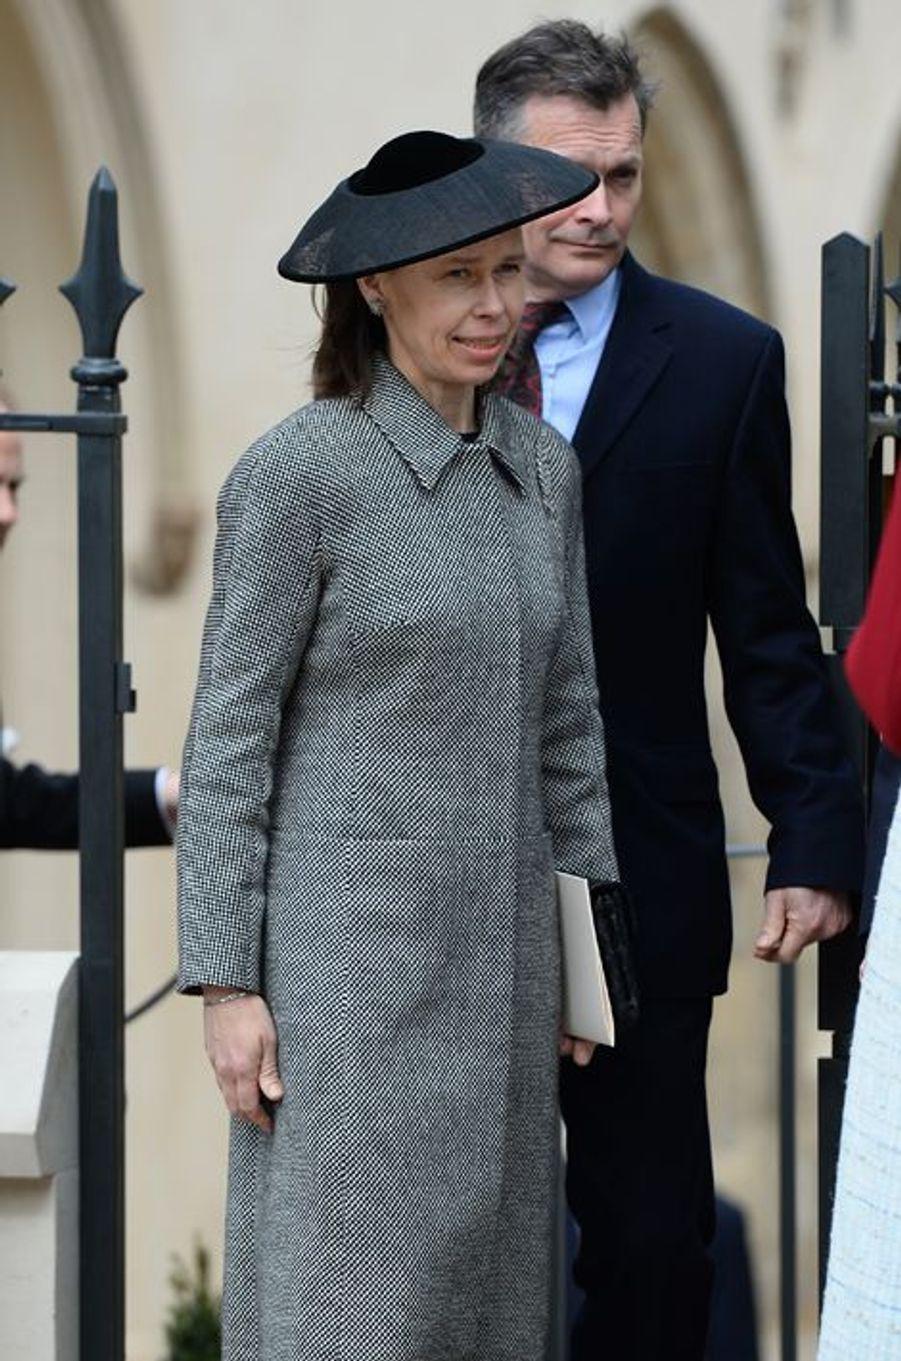 Sarah et Daniel Chatto à Windsor, le 5 avril 2015